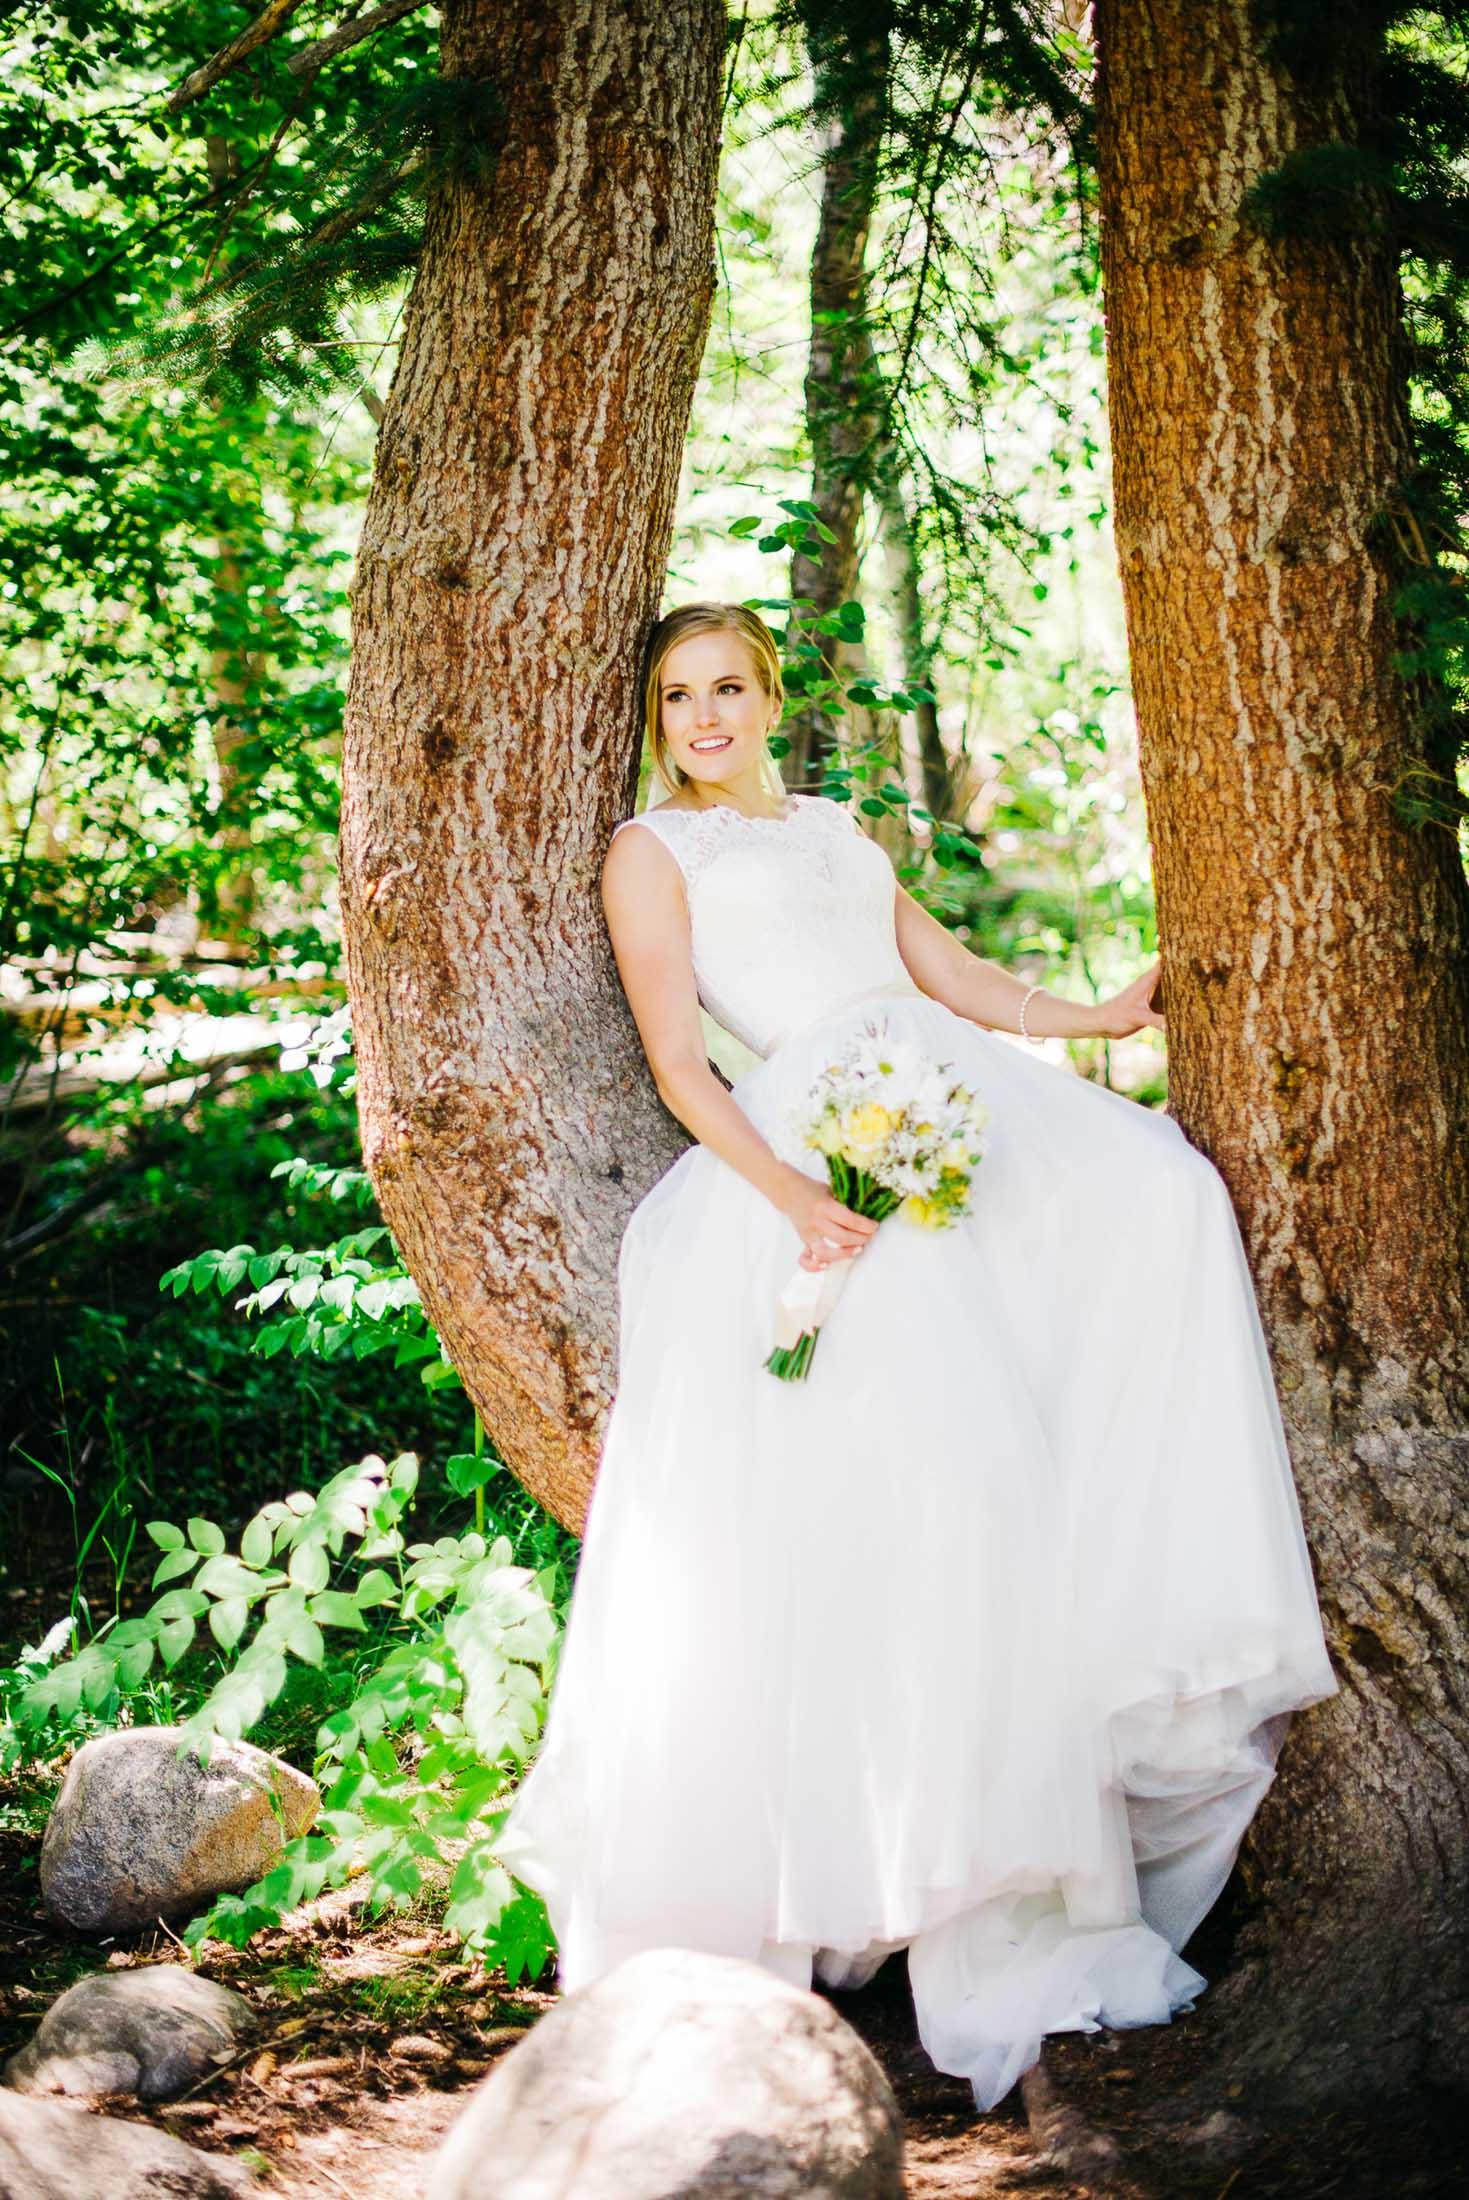 58elopement-photographer-colorado-colorado-mountain-wedding-photographer-romantic-wedding-pictures_010.jpg